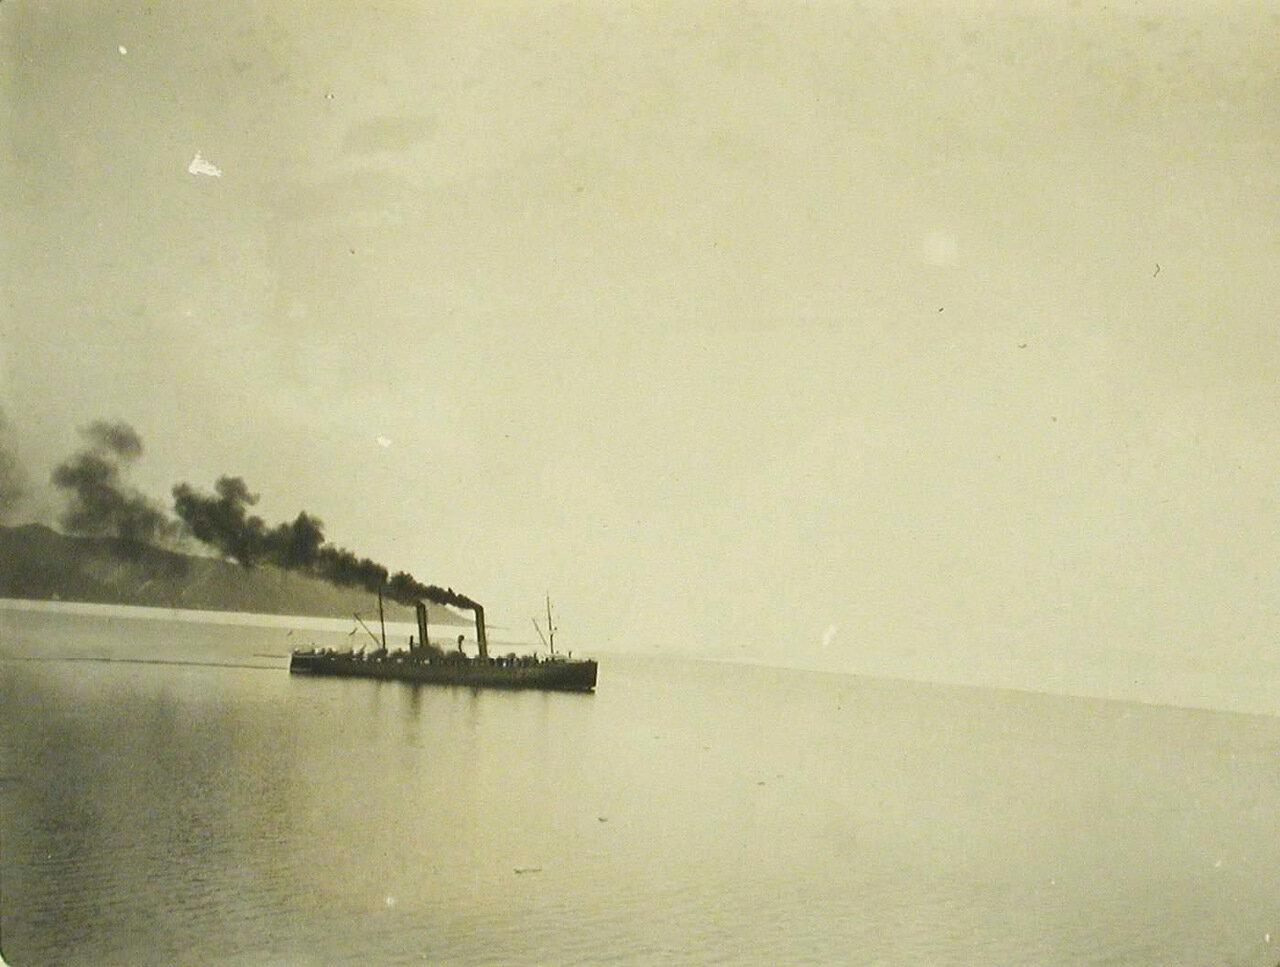 34. Вид одного из ледоколов на озере после начала навигации